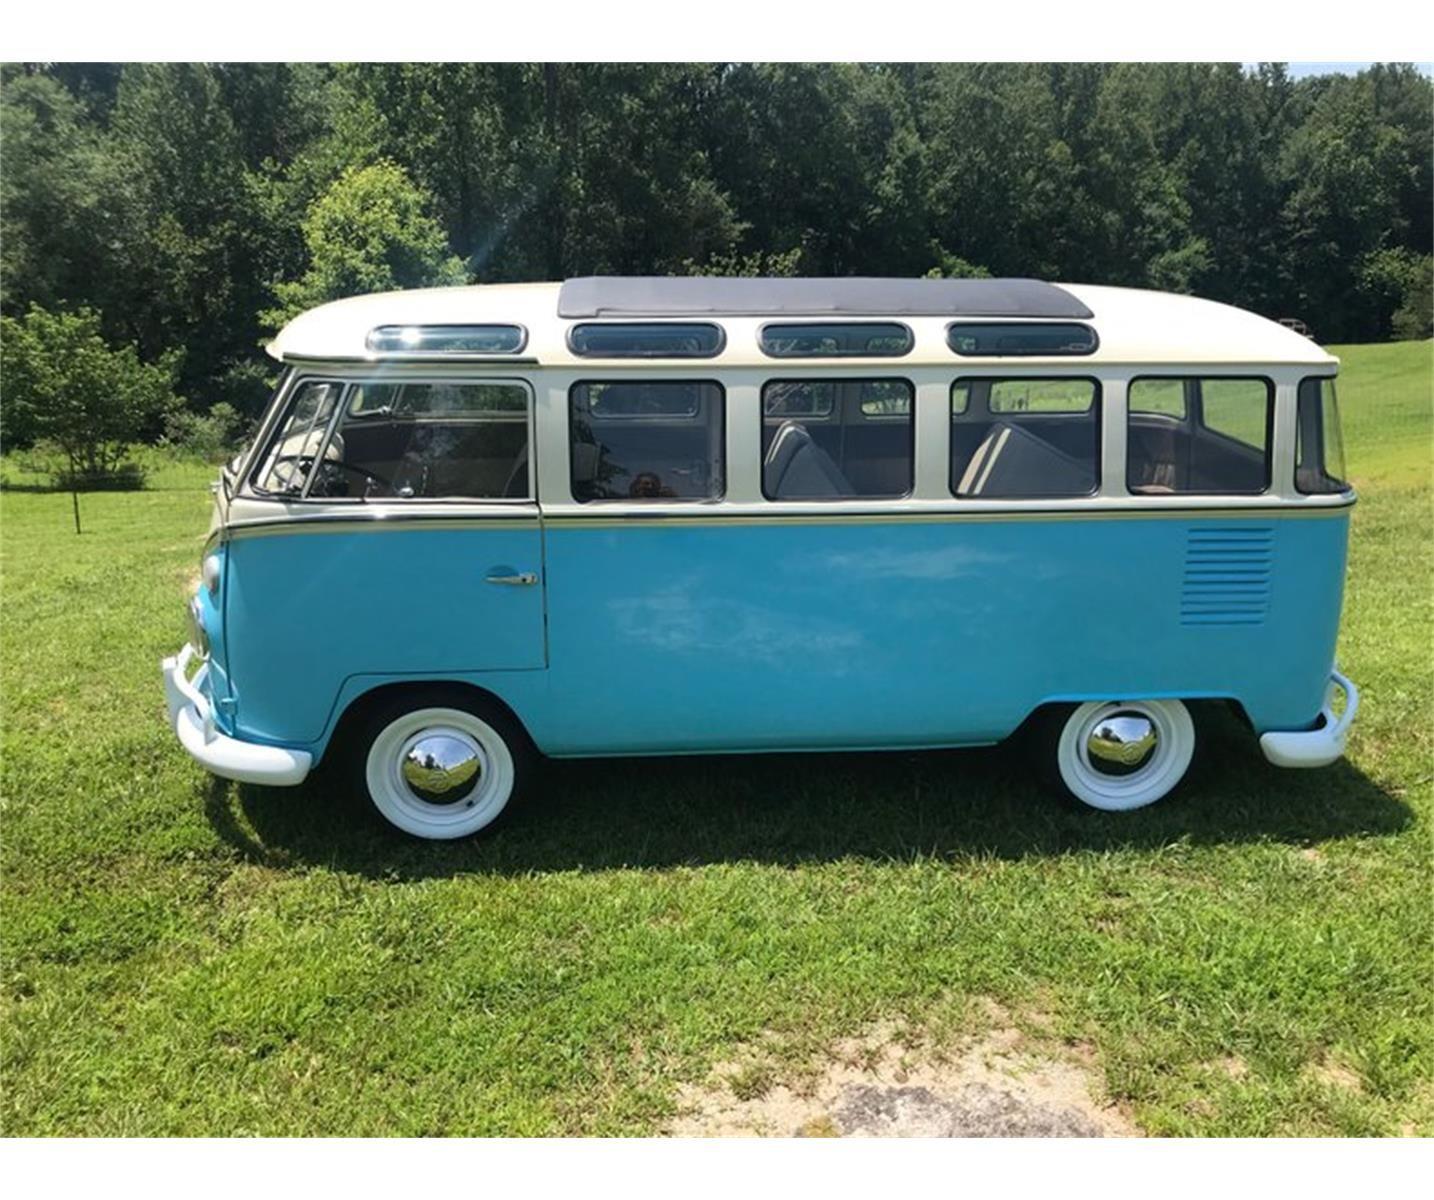 1975 Volkswagen Bus Cc 1321589 For Sale In Greensboro North Carolina Volkswagen Bus Volkswagen Buses For Sale